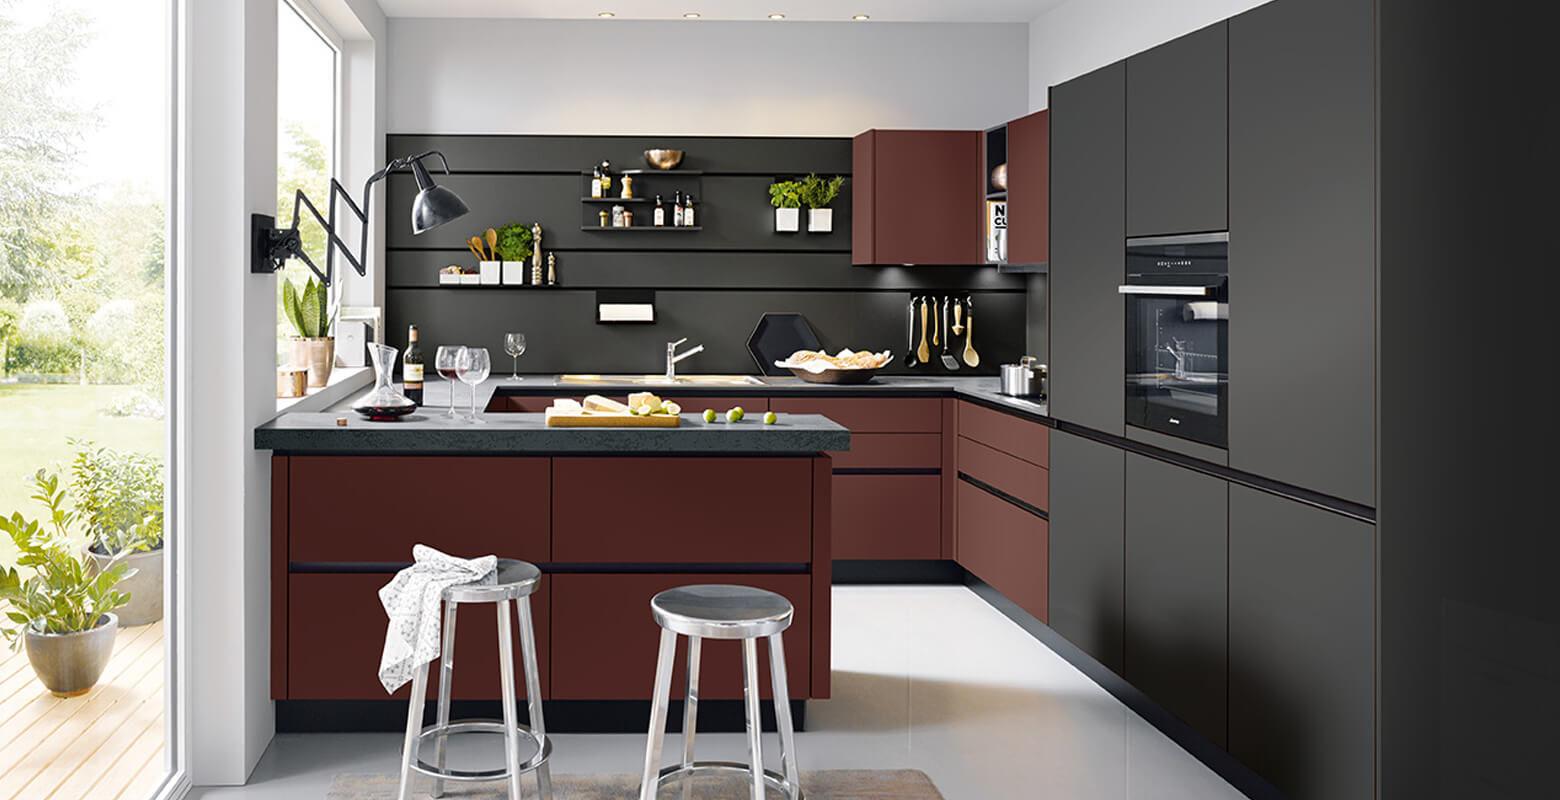 einbaukueche-schueller-siena-indischrot-dunkel-schwarz-dekor-anthrazit-g-küche-geraumig-modern-mit-einbaugeraeten